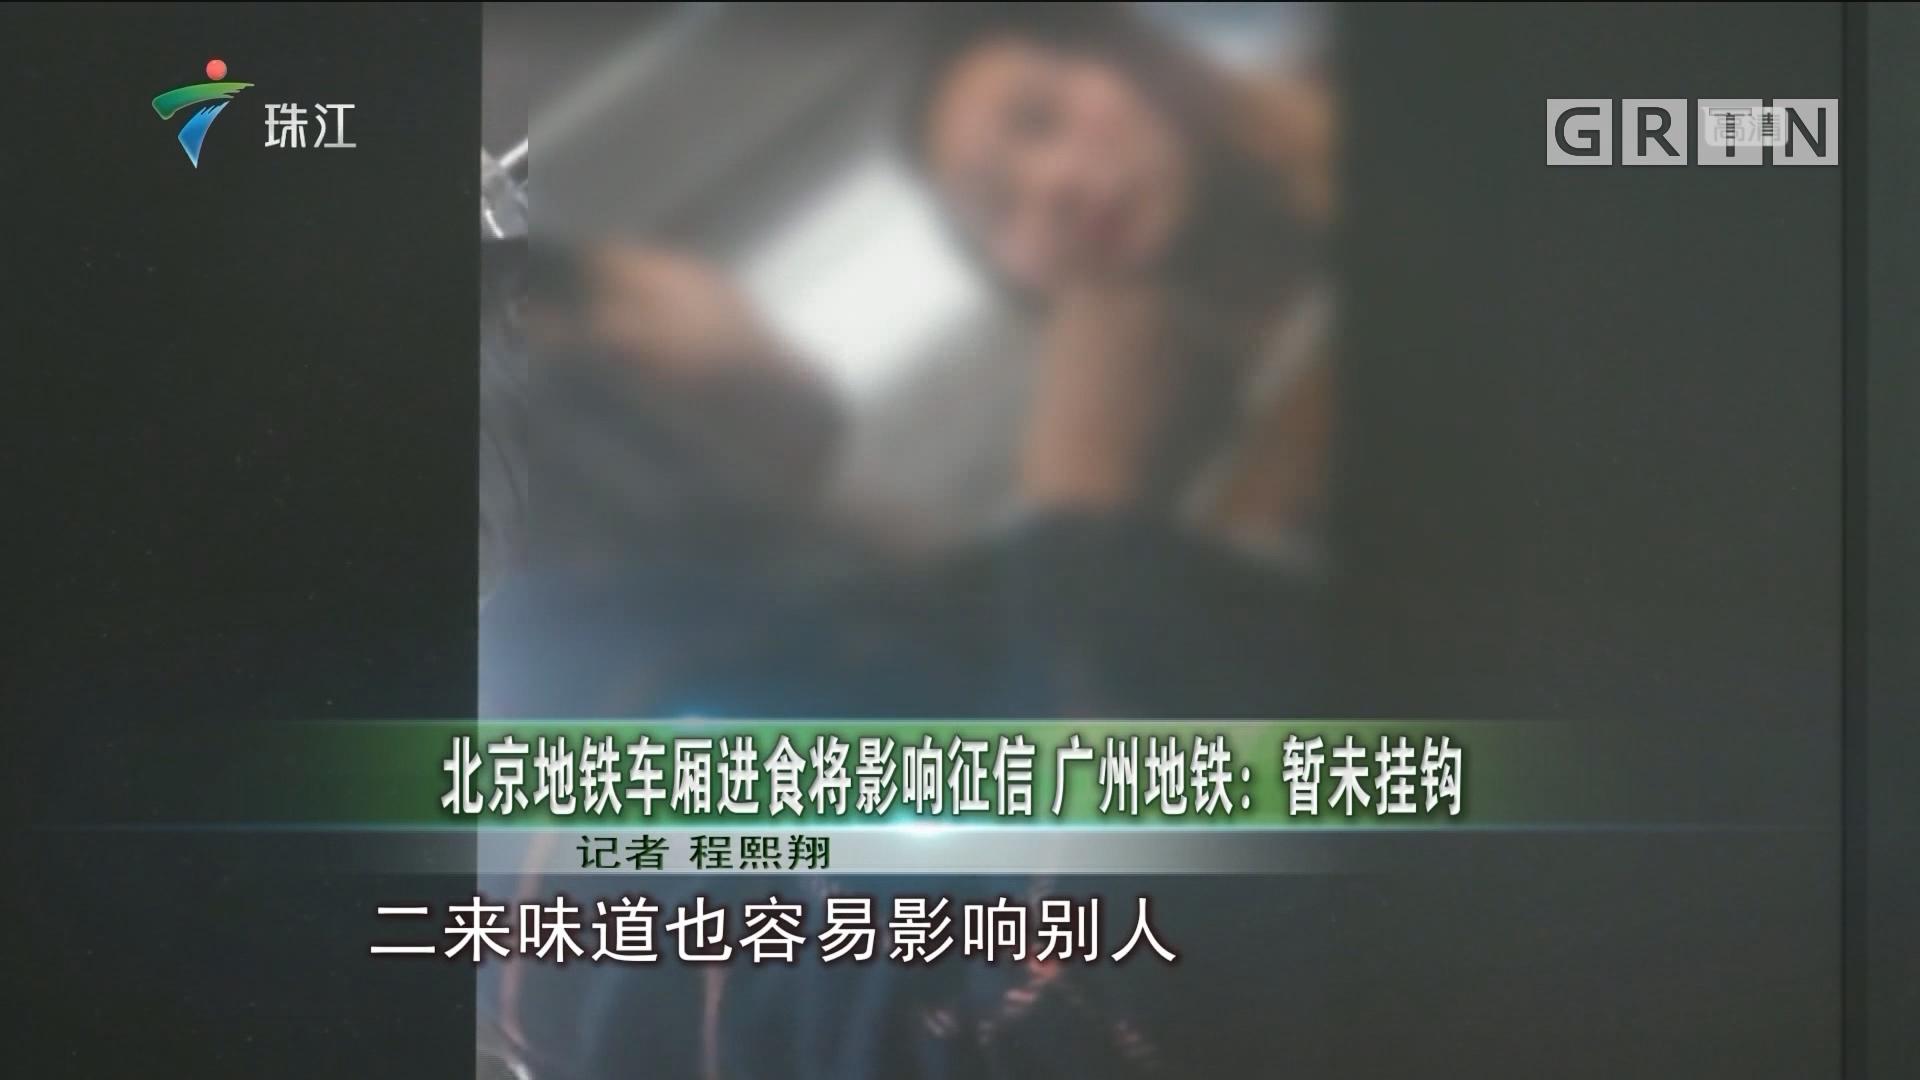 北京地铁车厢进食将影响征信 广州地铁:暂未挂钩